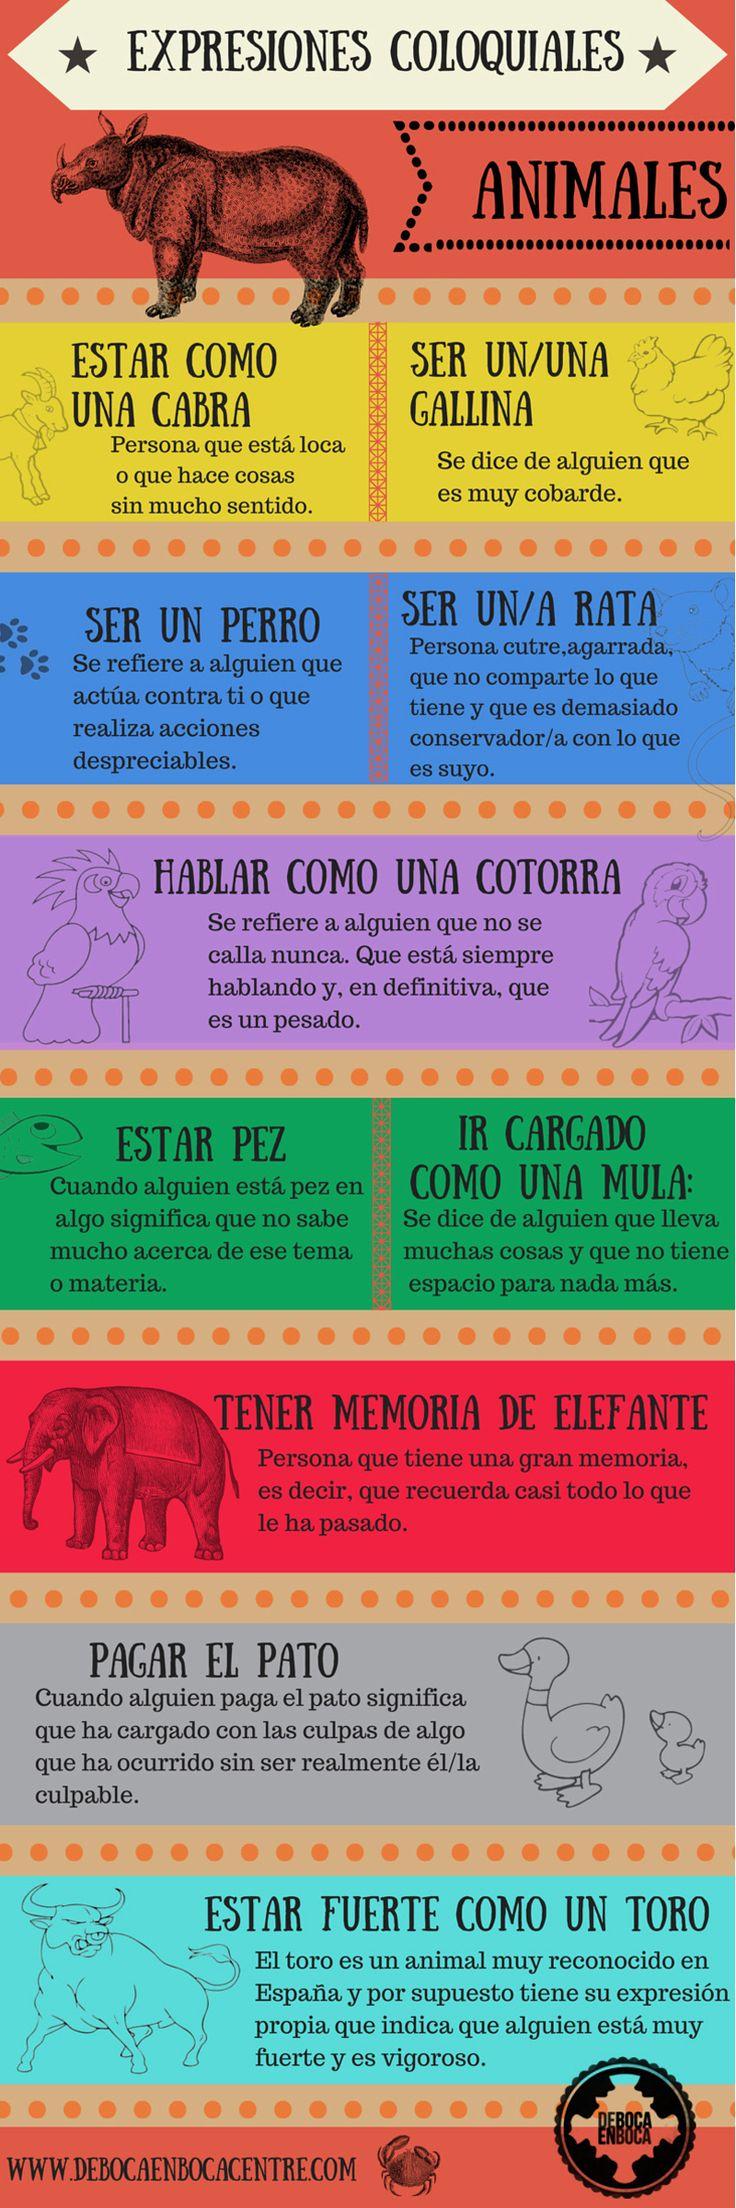 Expresiones coloquiales con animales